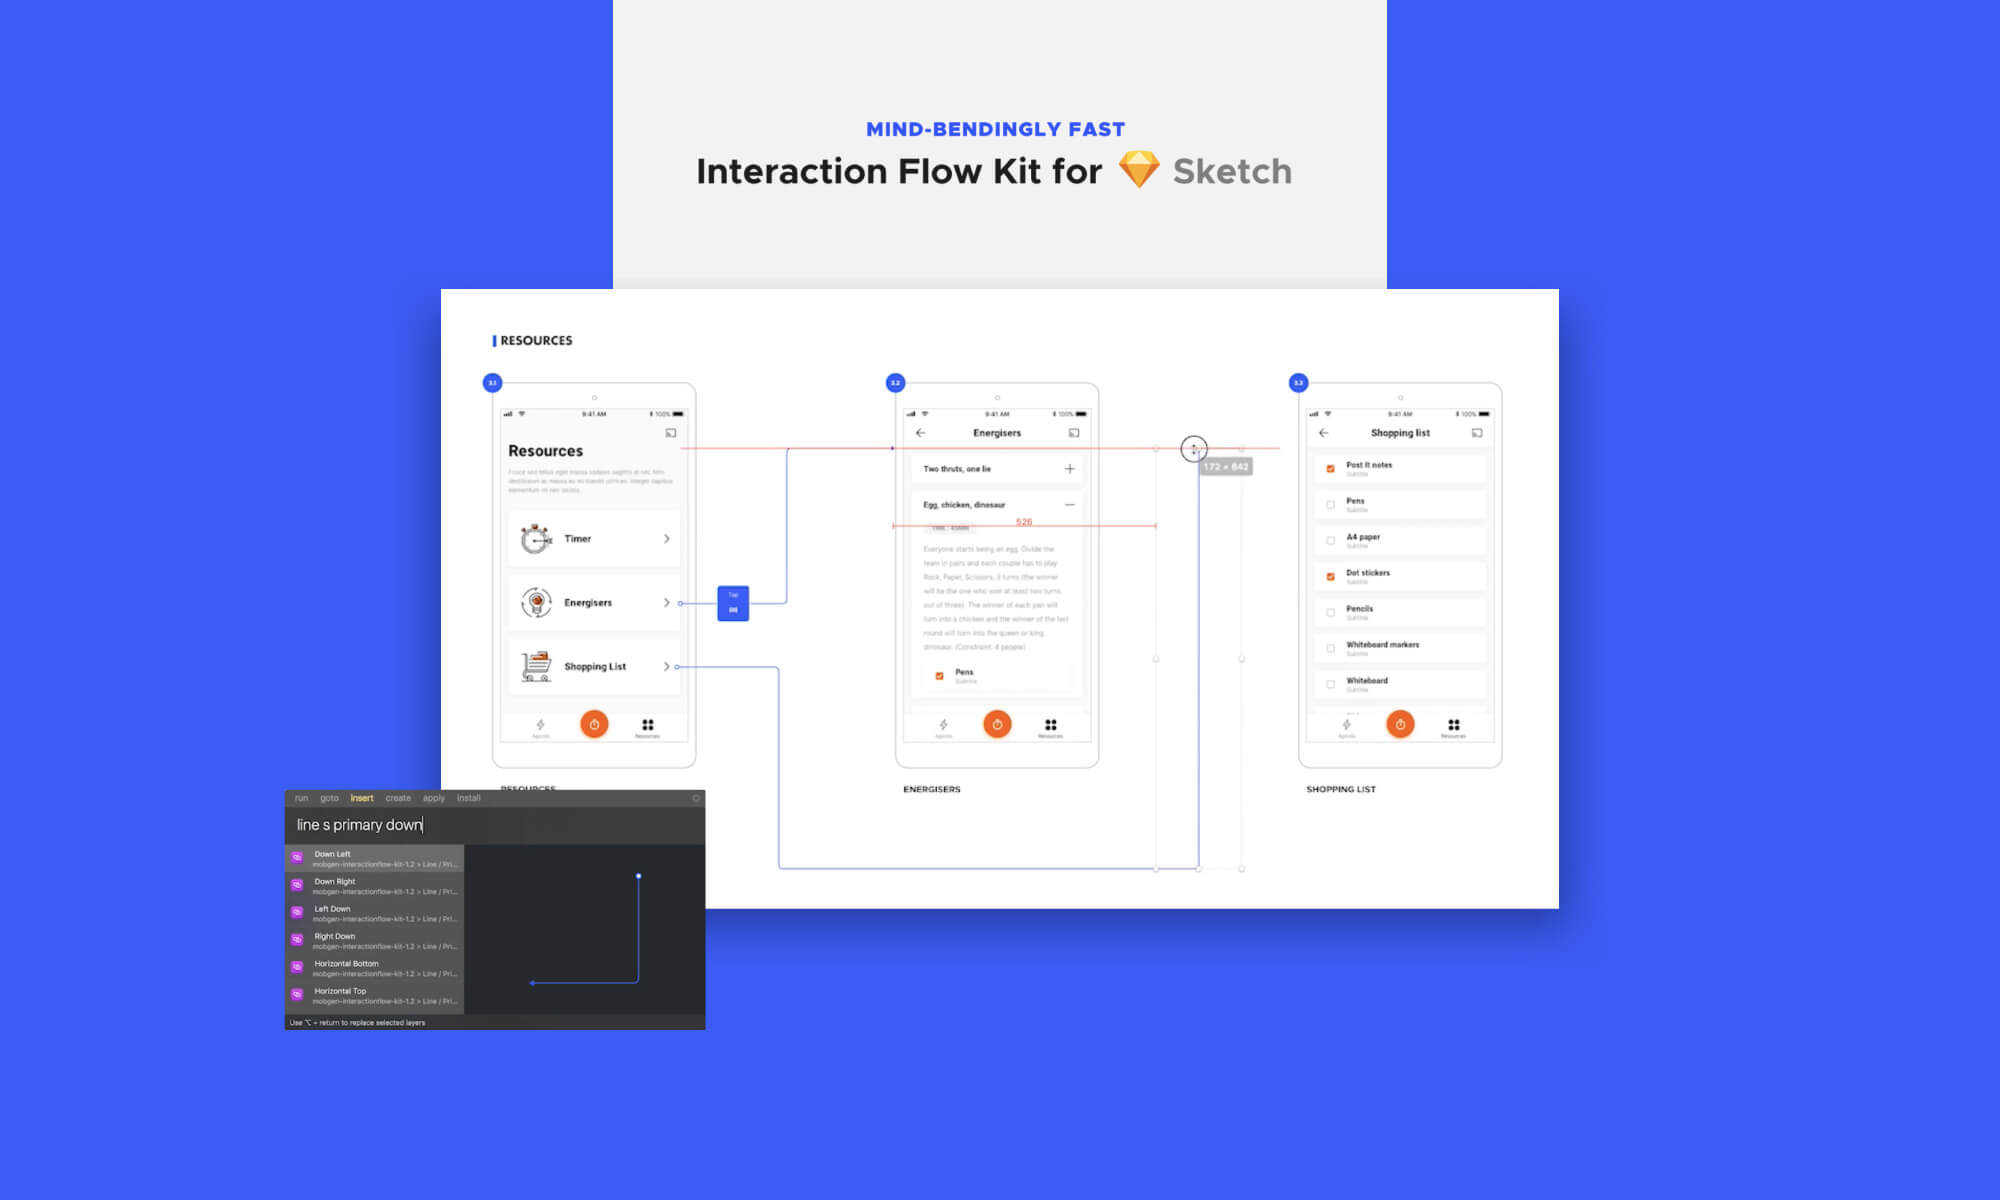 Interaction Flow Kit